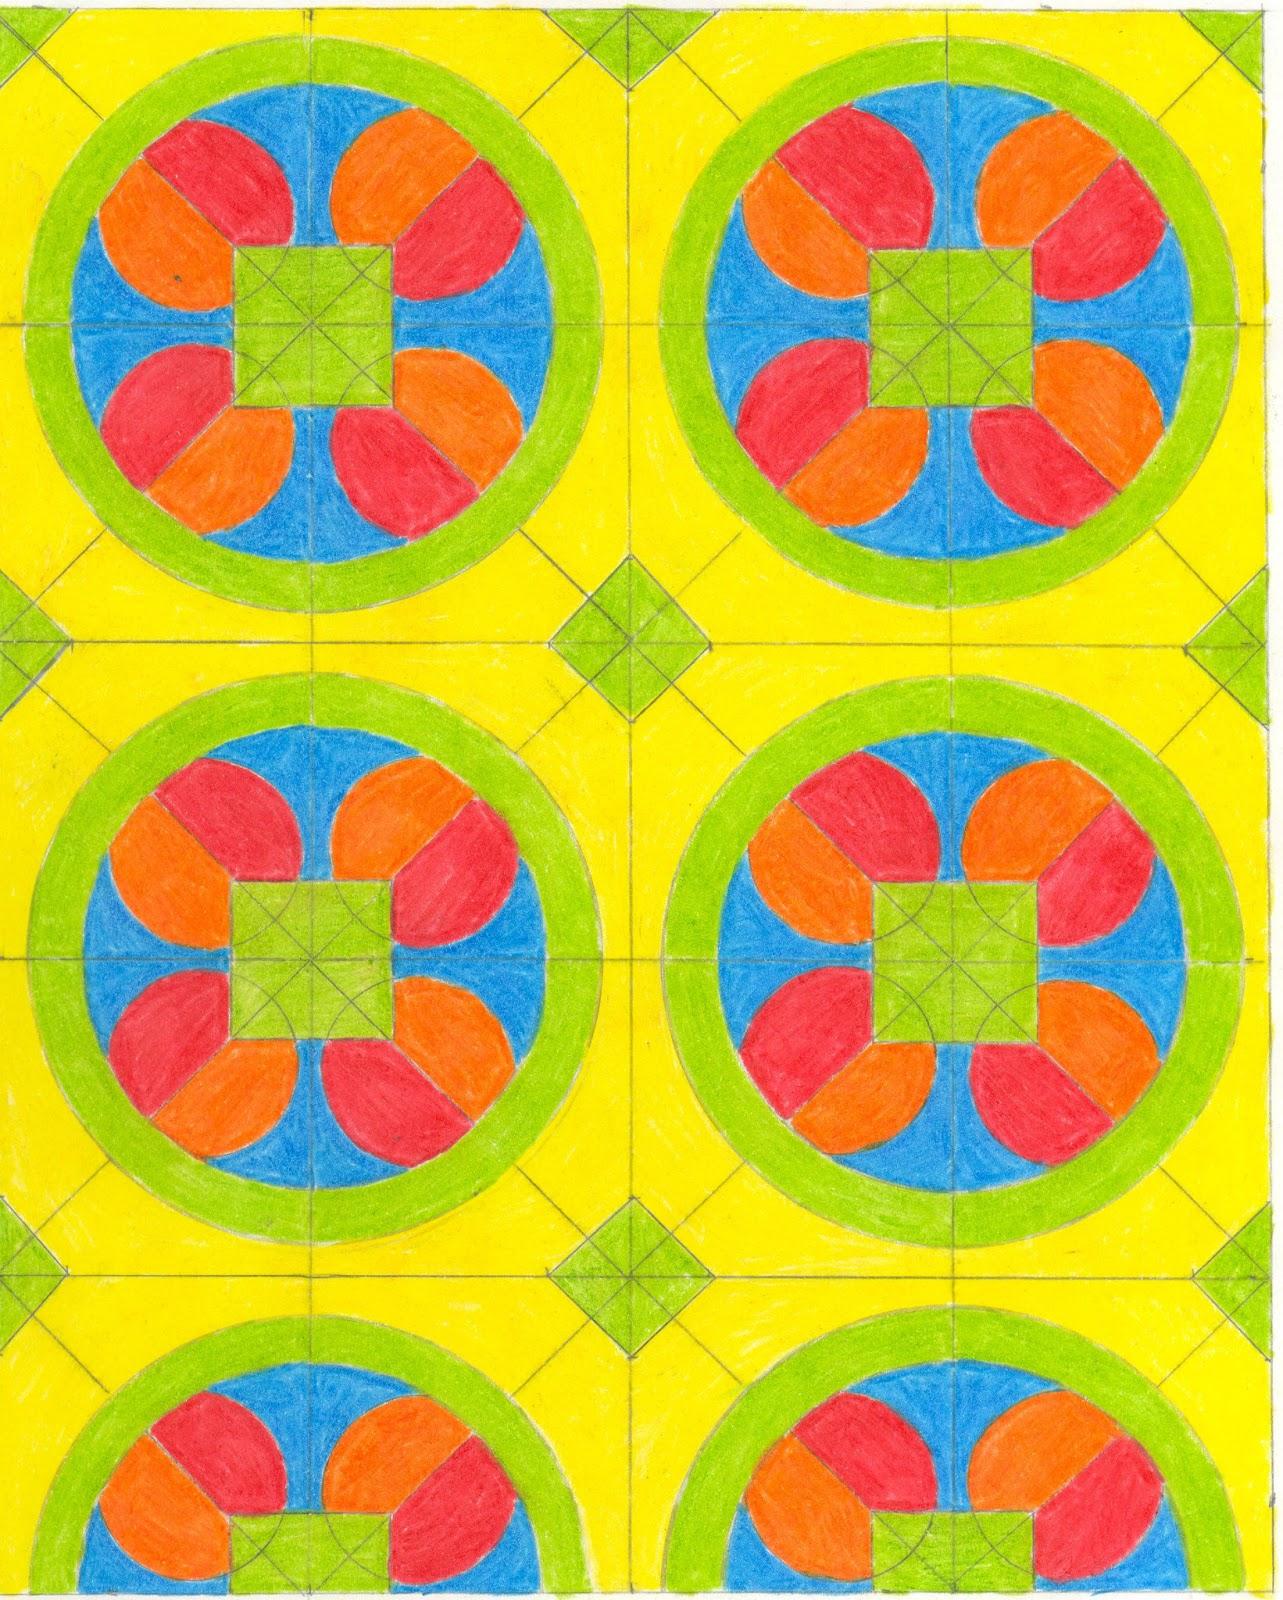 mostramos aqu dos ejemplos de diseos modulares variando un mismo mdulo en su orientacin para generar dos dieseos diferentes